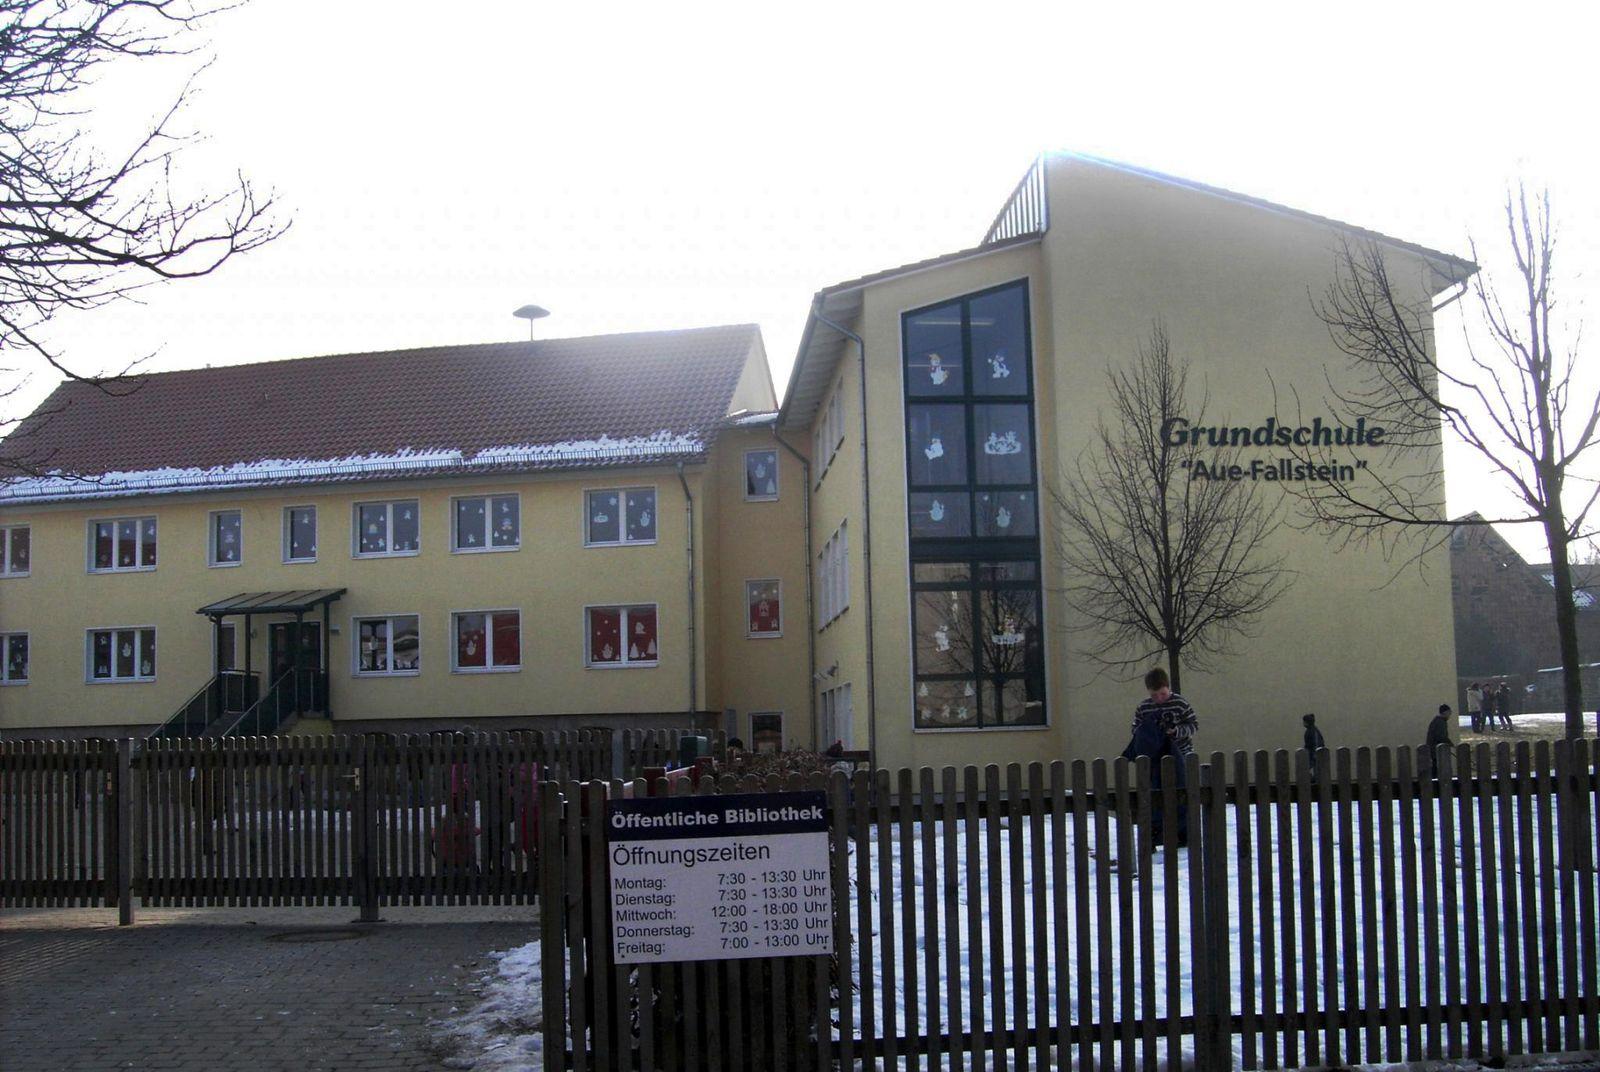 EINMALIGE VERWENDUNG Grundschule Aue-Fallstein im Ortsteil Hessen der Stadt Osterwieck